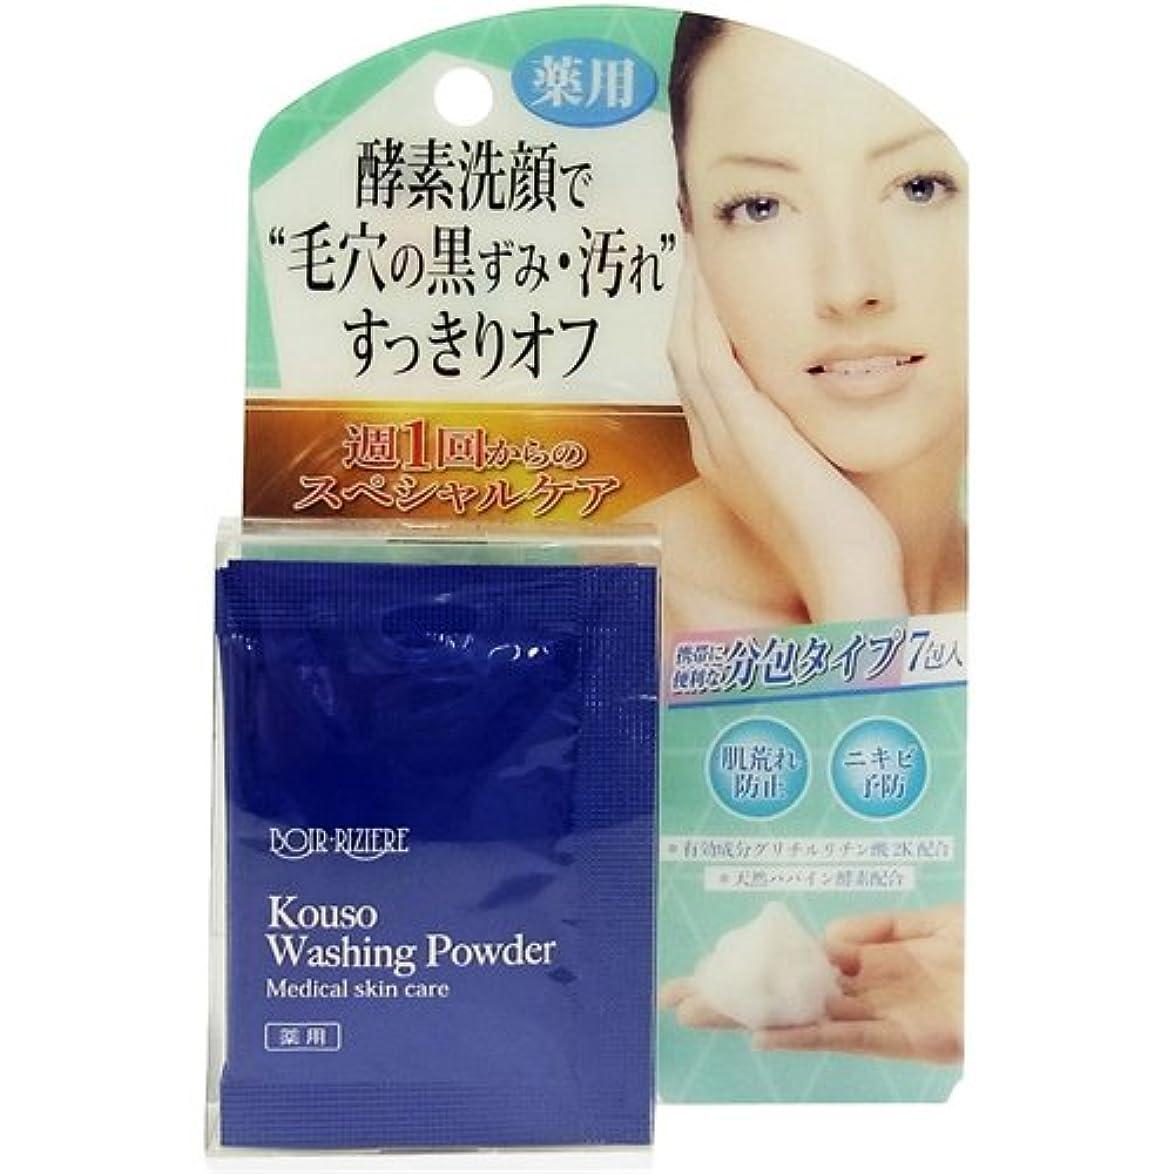 邪魔する結晶思春期のボア?リジェール 薬用酵素洗顔パウダー (1.5g×7包)